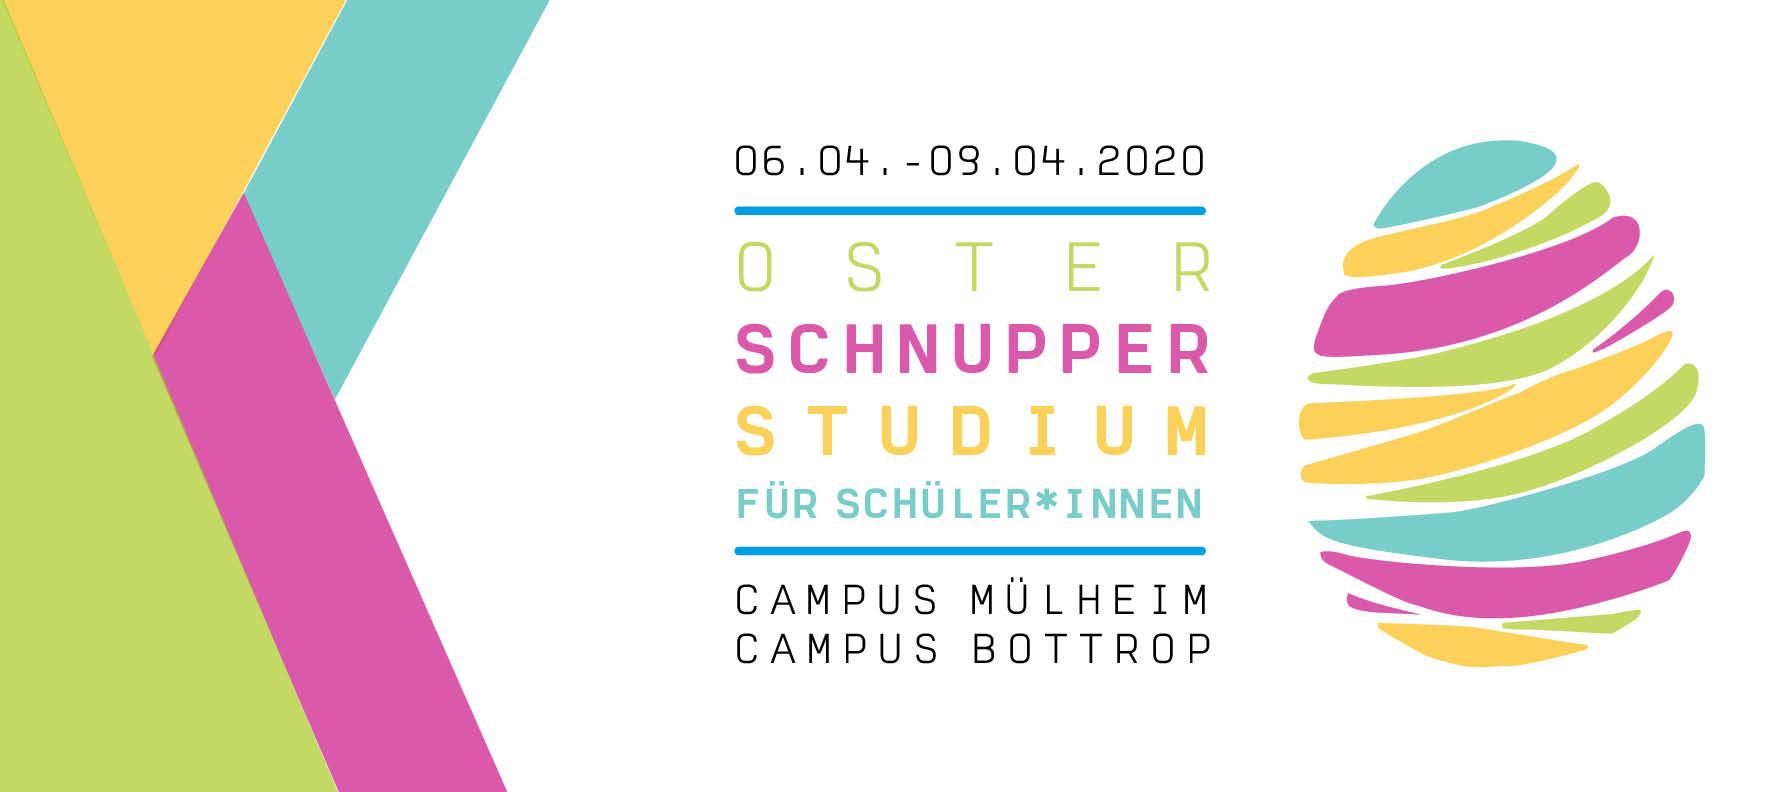 Oster-Schnupper-Studium an der HRW